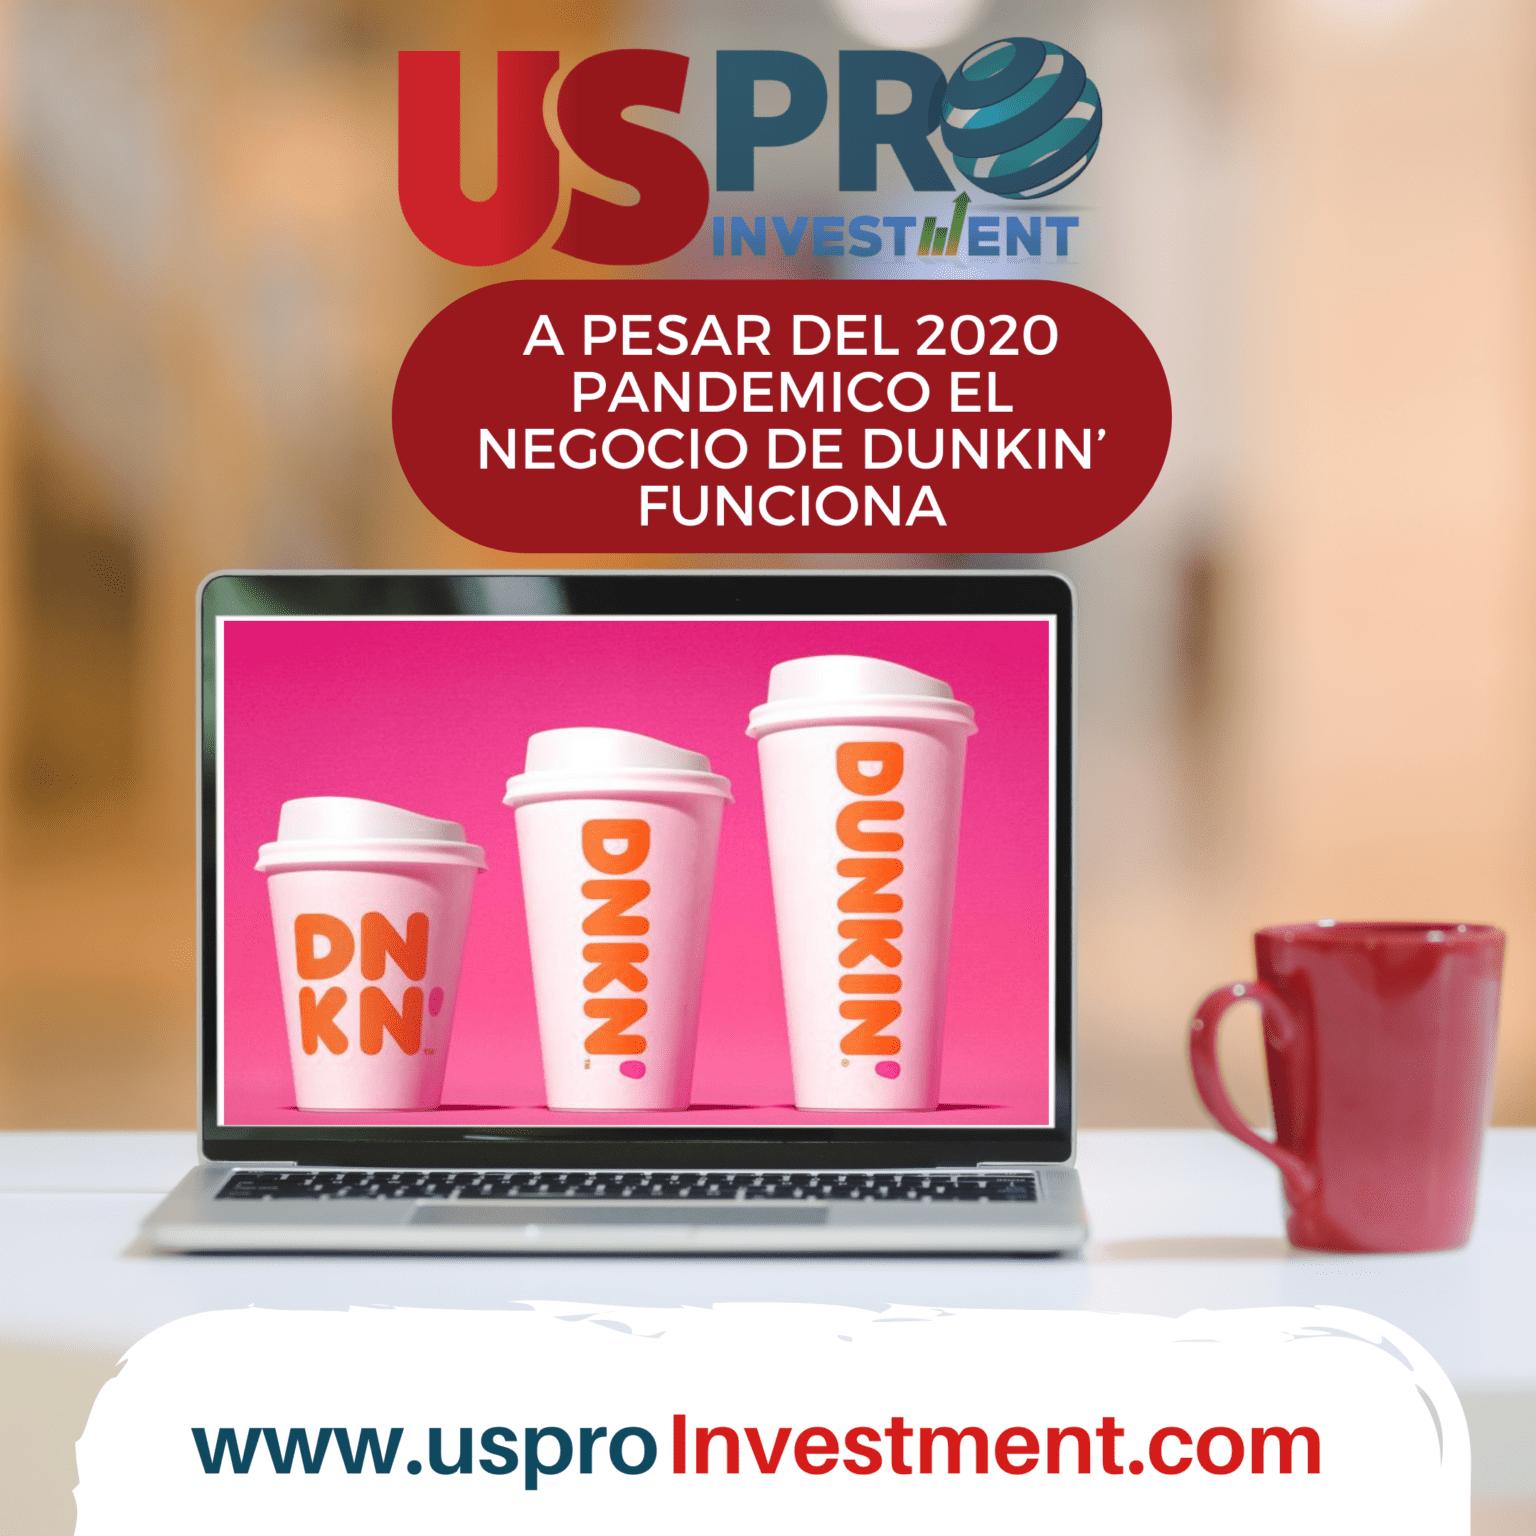 A pesar del 2020 pandemico el negocio de Dunkin' funciona